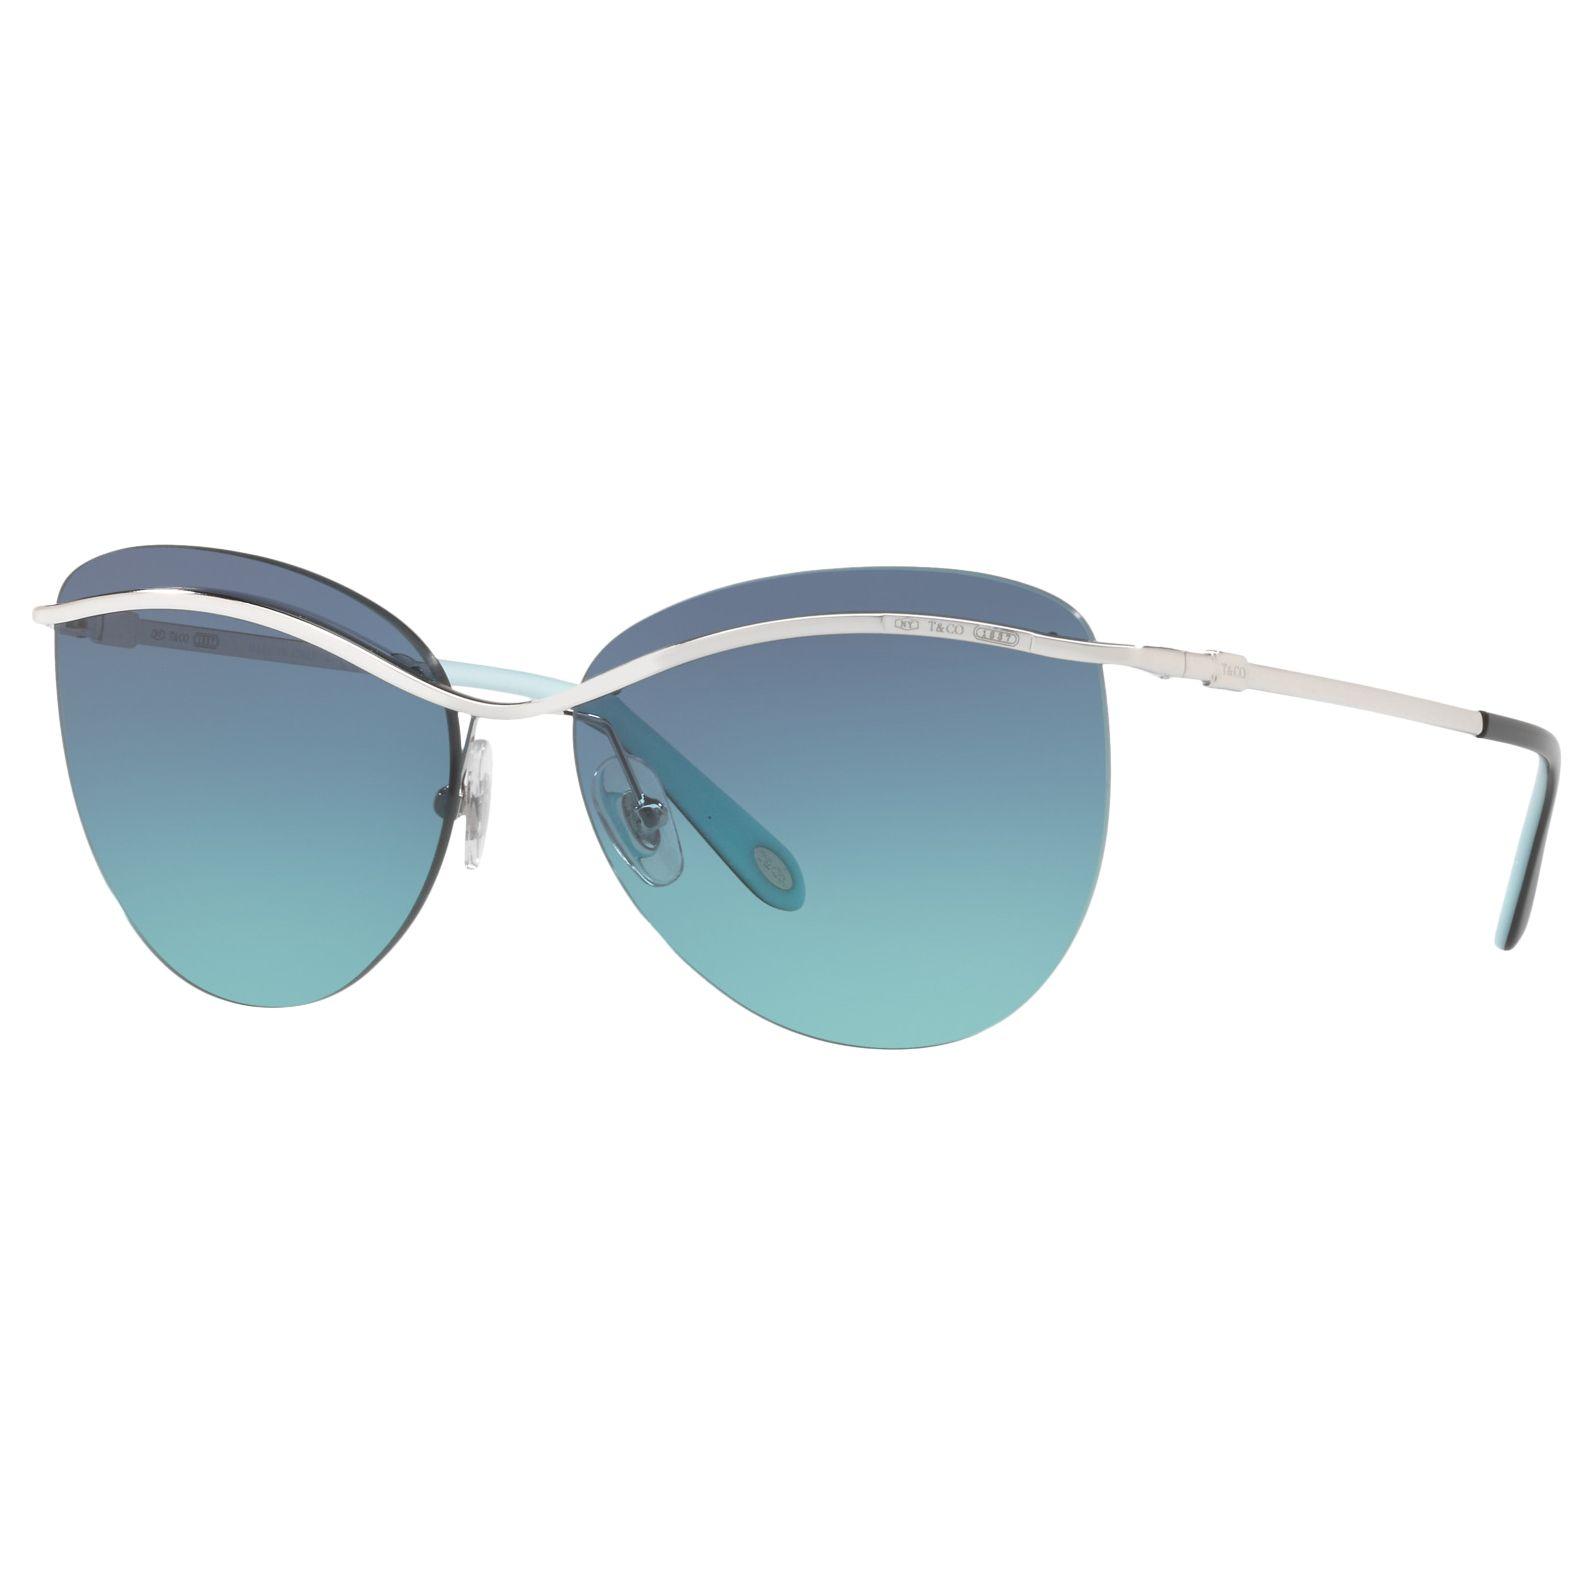 Tiffany & Co Tiffany & Co TF3057 Cat's Eye Sunglasses